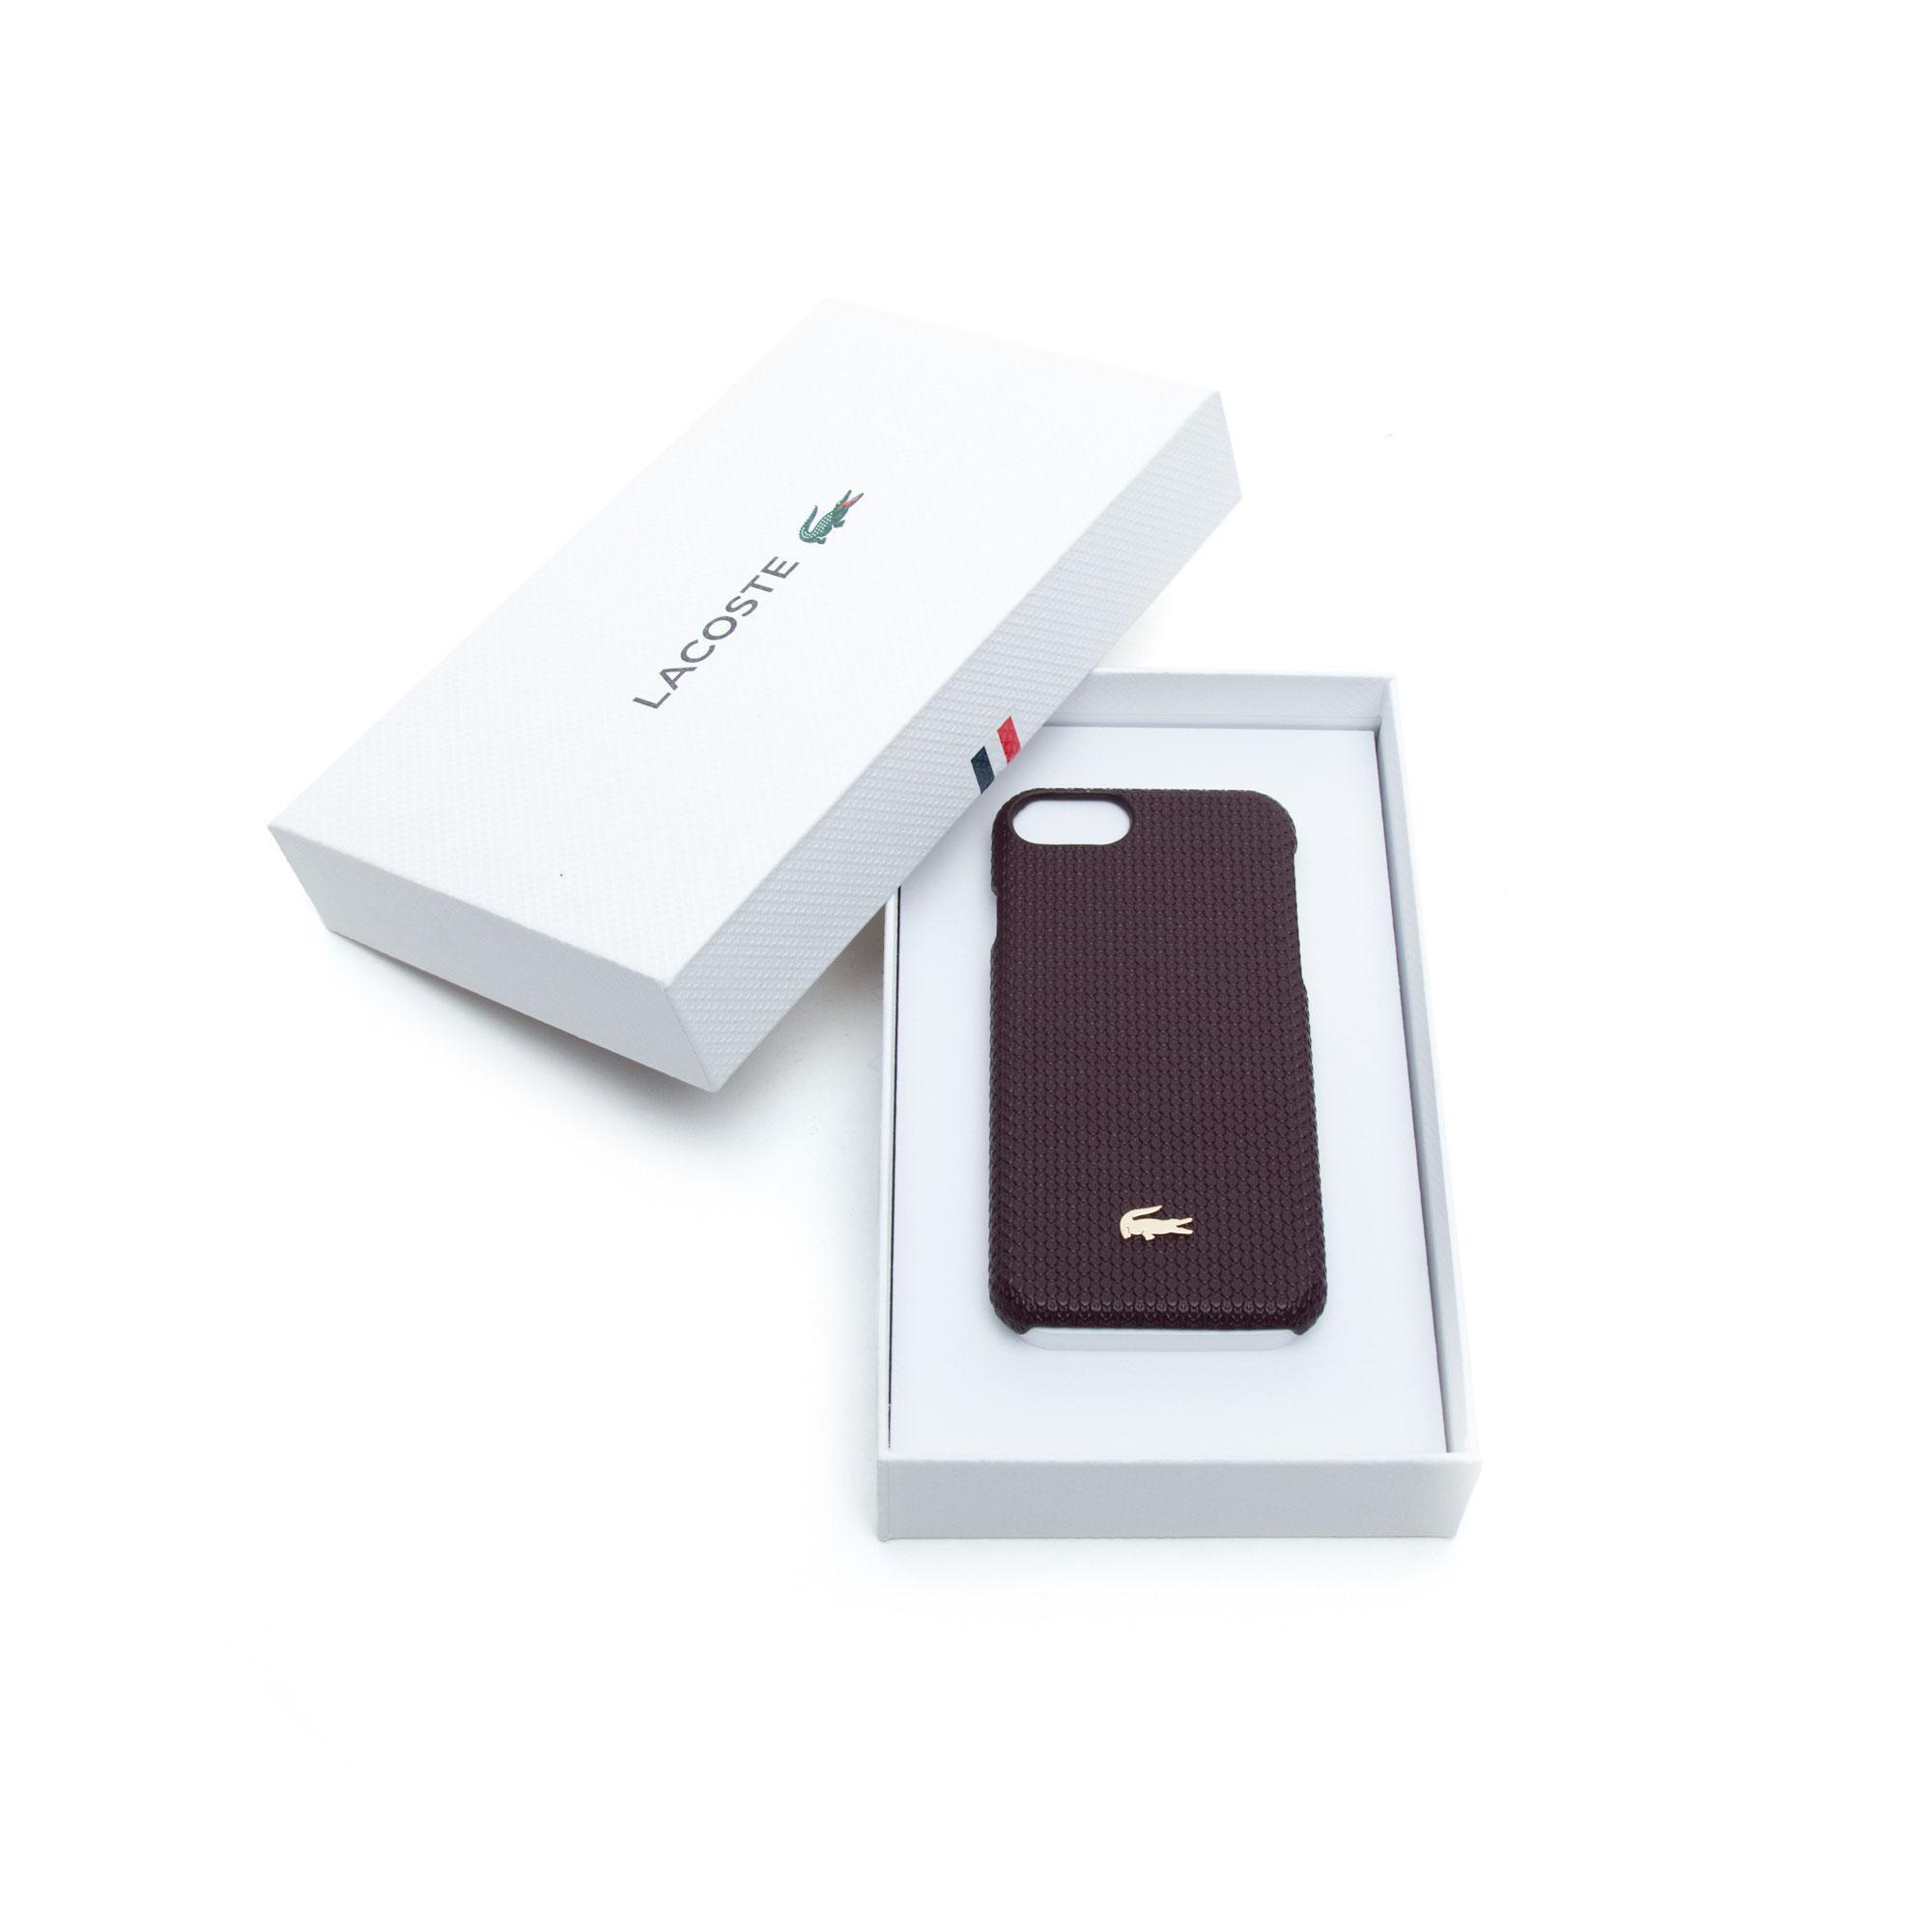 Lacoste Unisex Bordo Iphone 8 Kılıfı